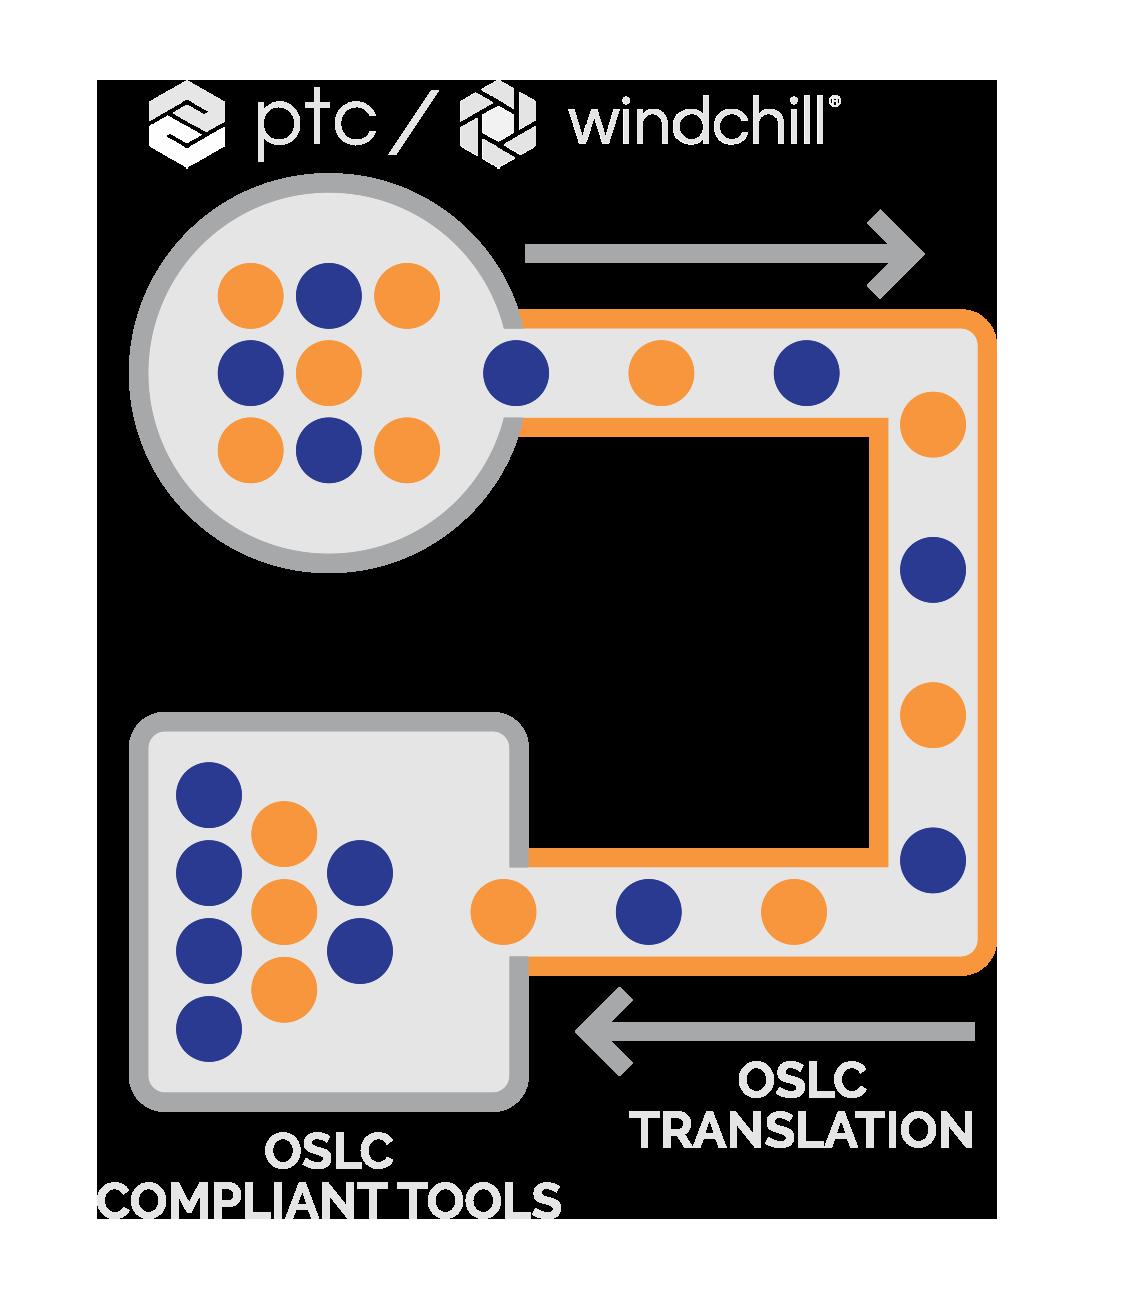 sodius_diagram21